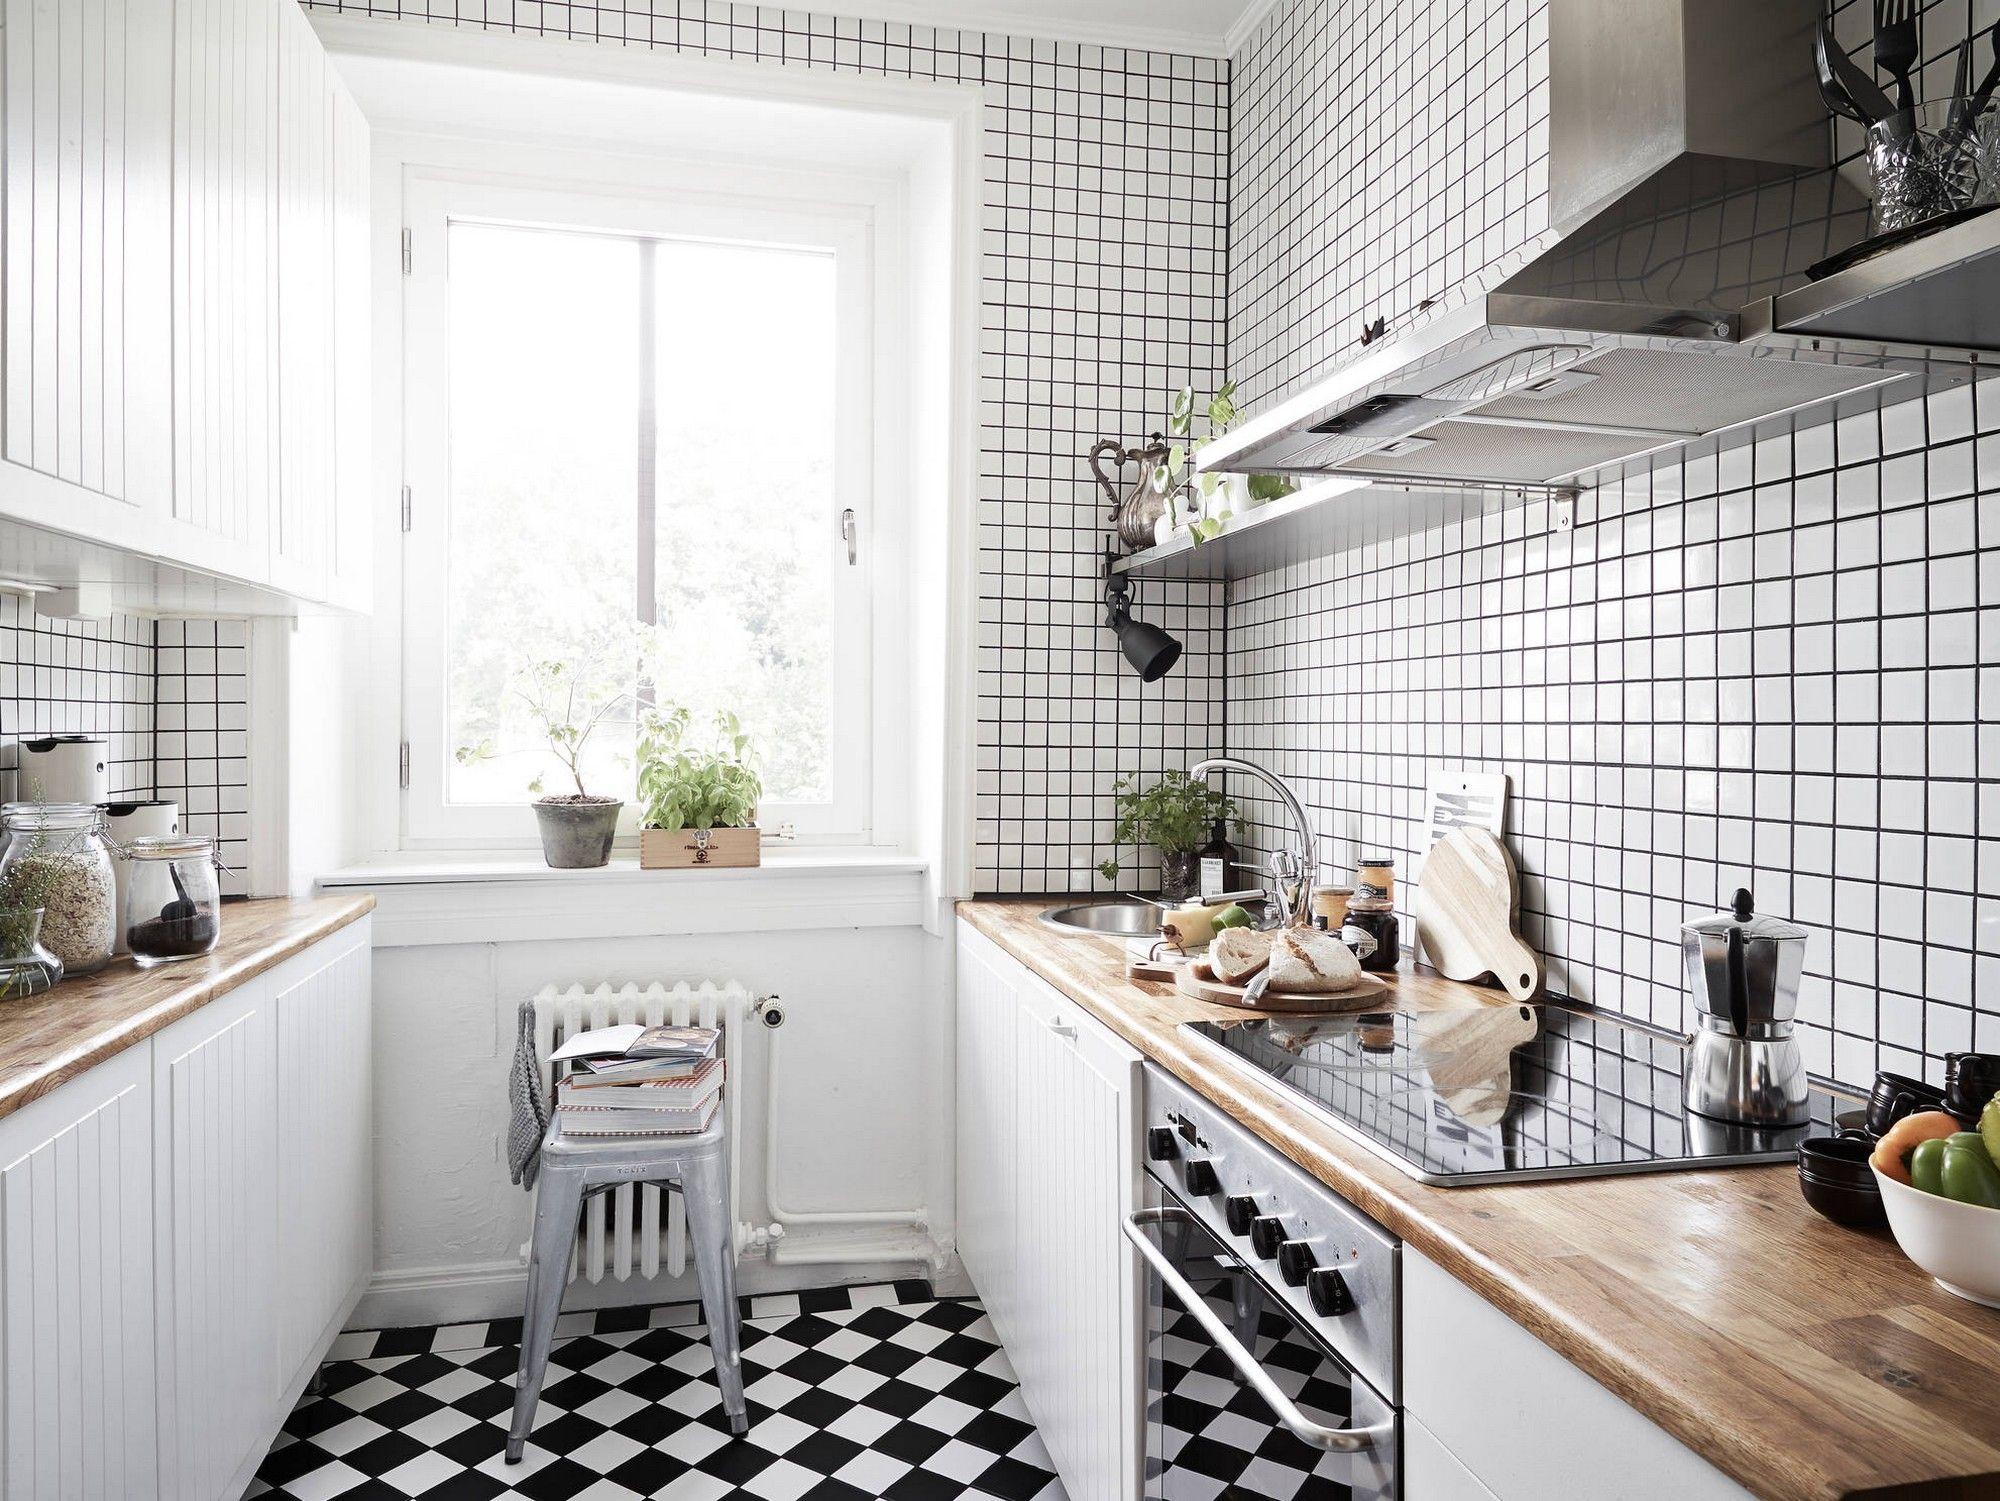 kitchen wall tiles ideas | Kitchen Decoration ideas | Pinterest ...